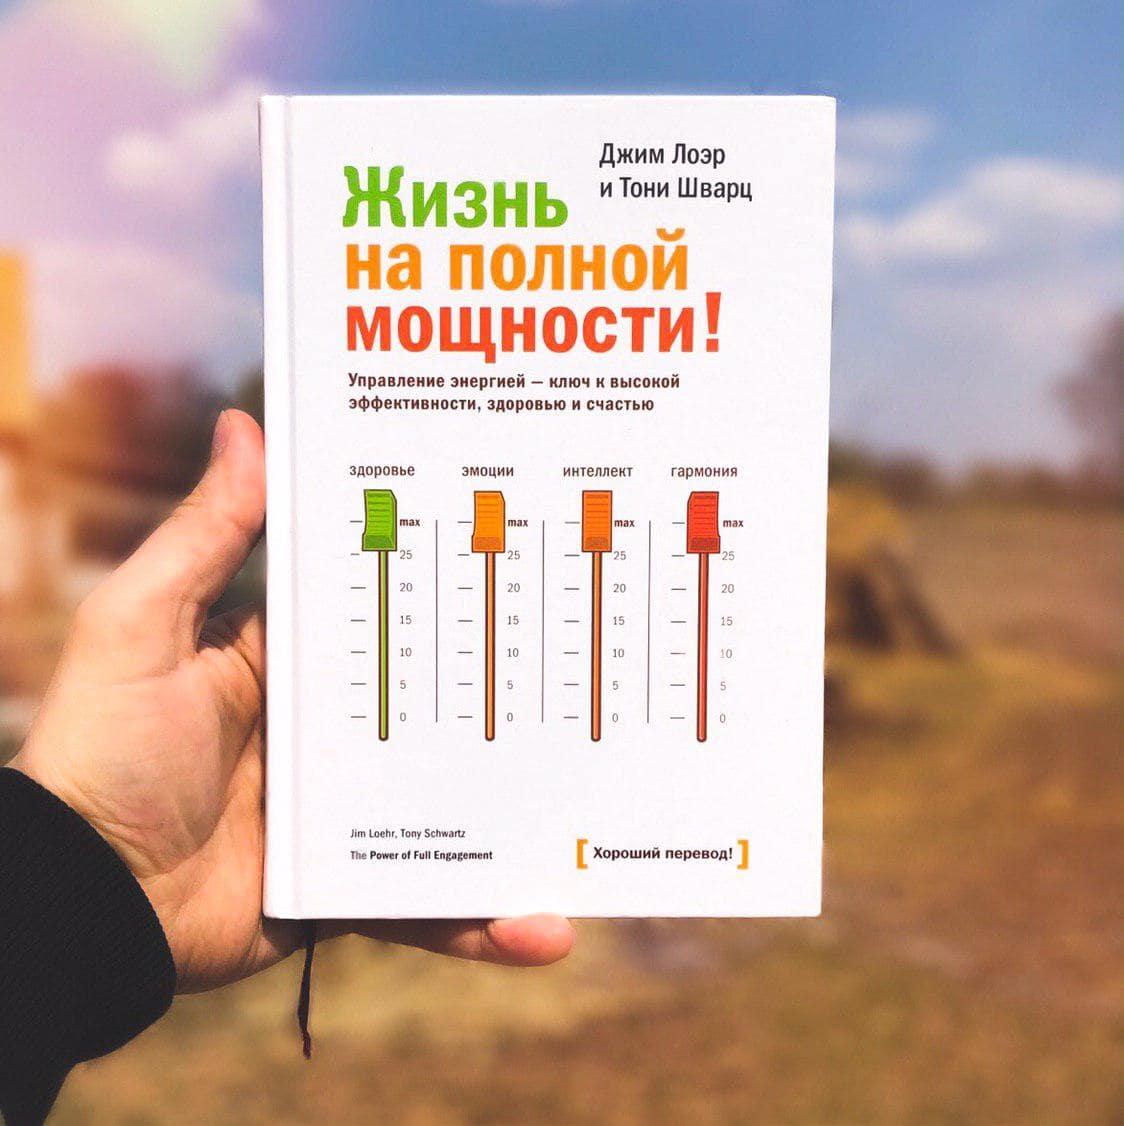 Книга Жизнь на полной мощности